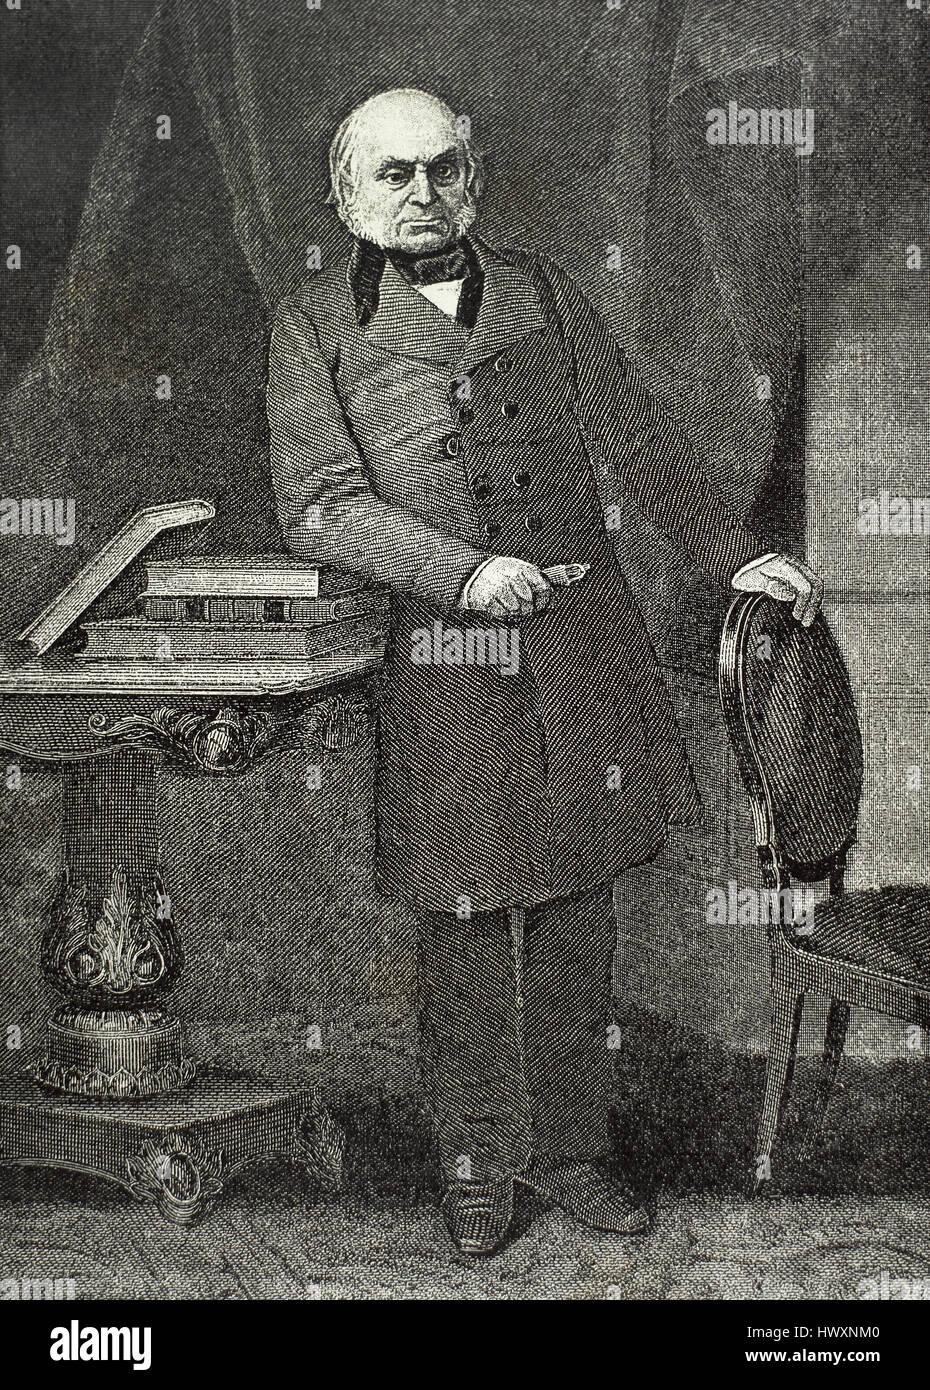 John Quincy Adams (1767-1848). Político y diplomático estadounidense. Sexto Presidente de los Estados Unidos. Retrato. Foto de stock